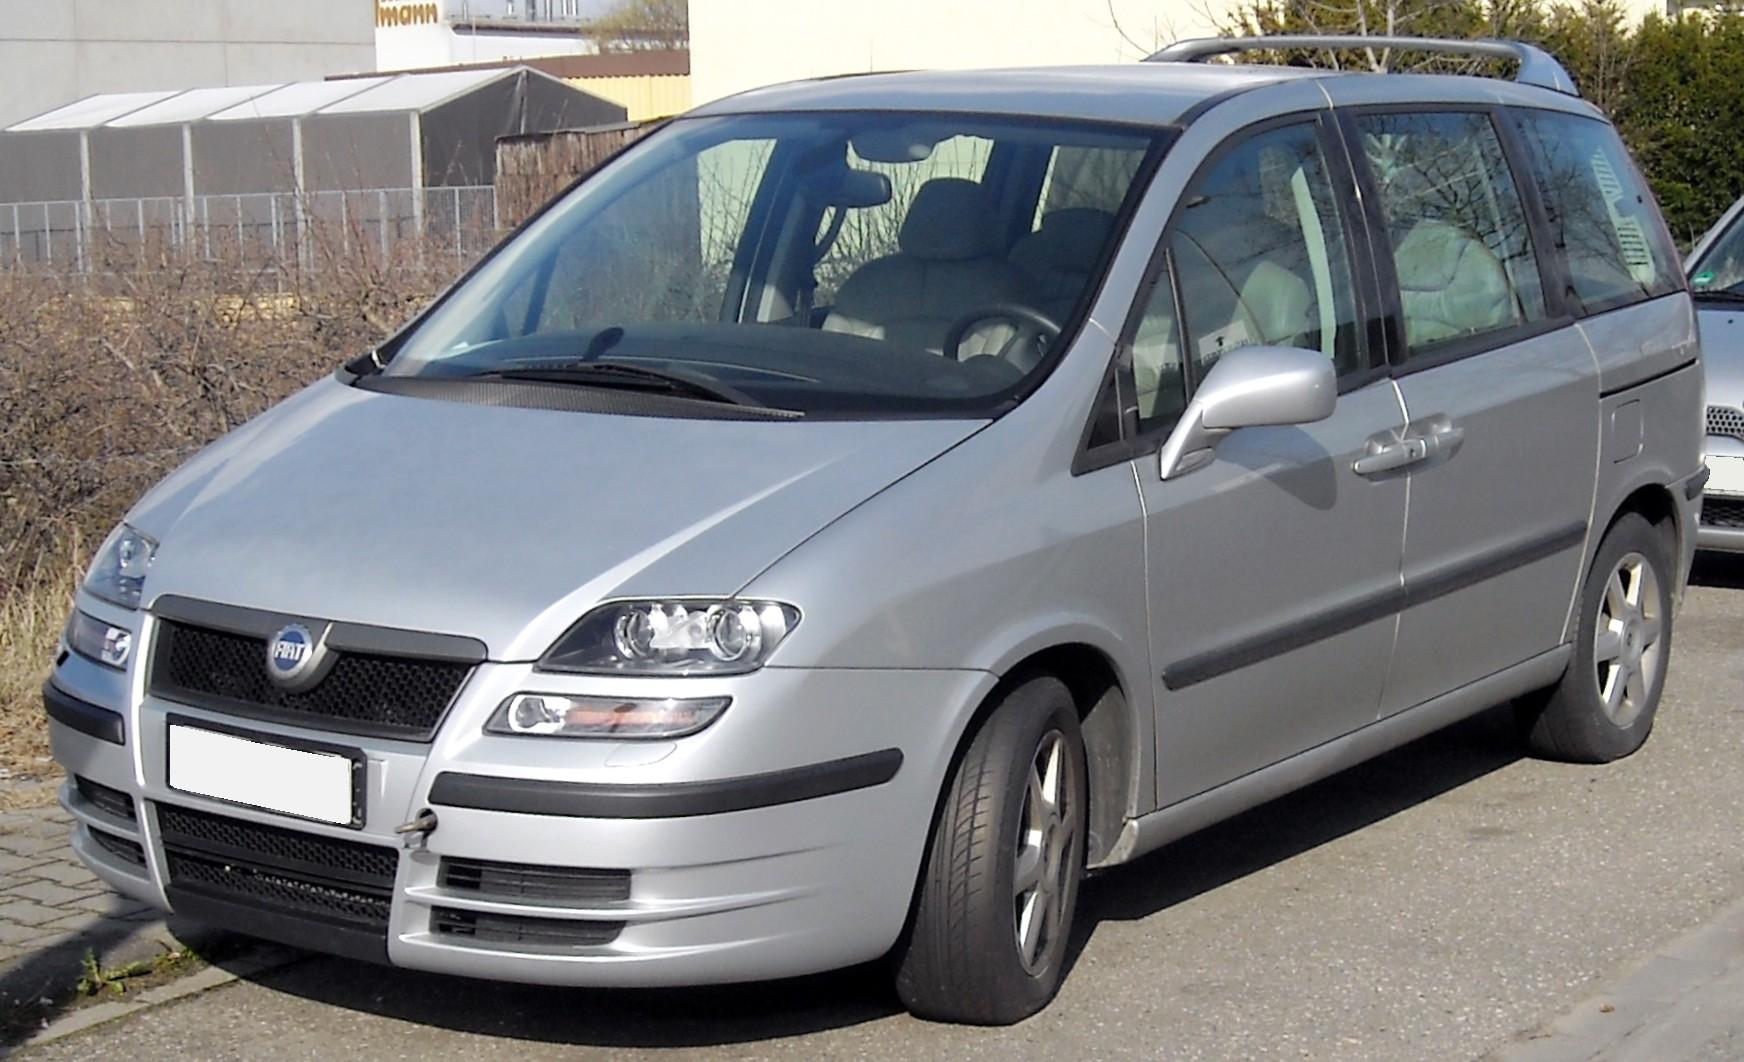 Fiat Ulysse II 2002 - 2010 Compact MPV #2